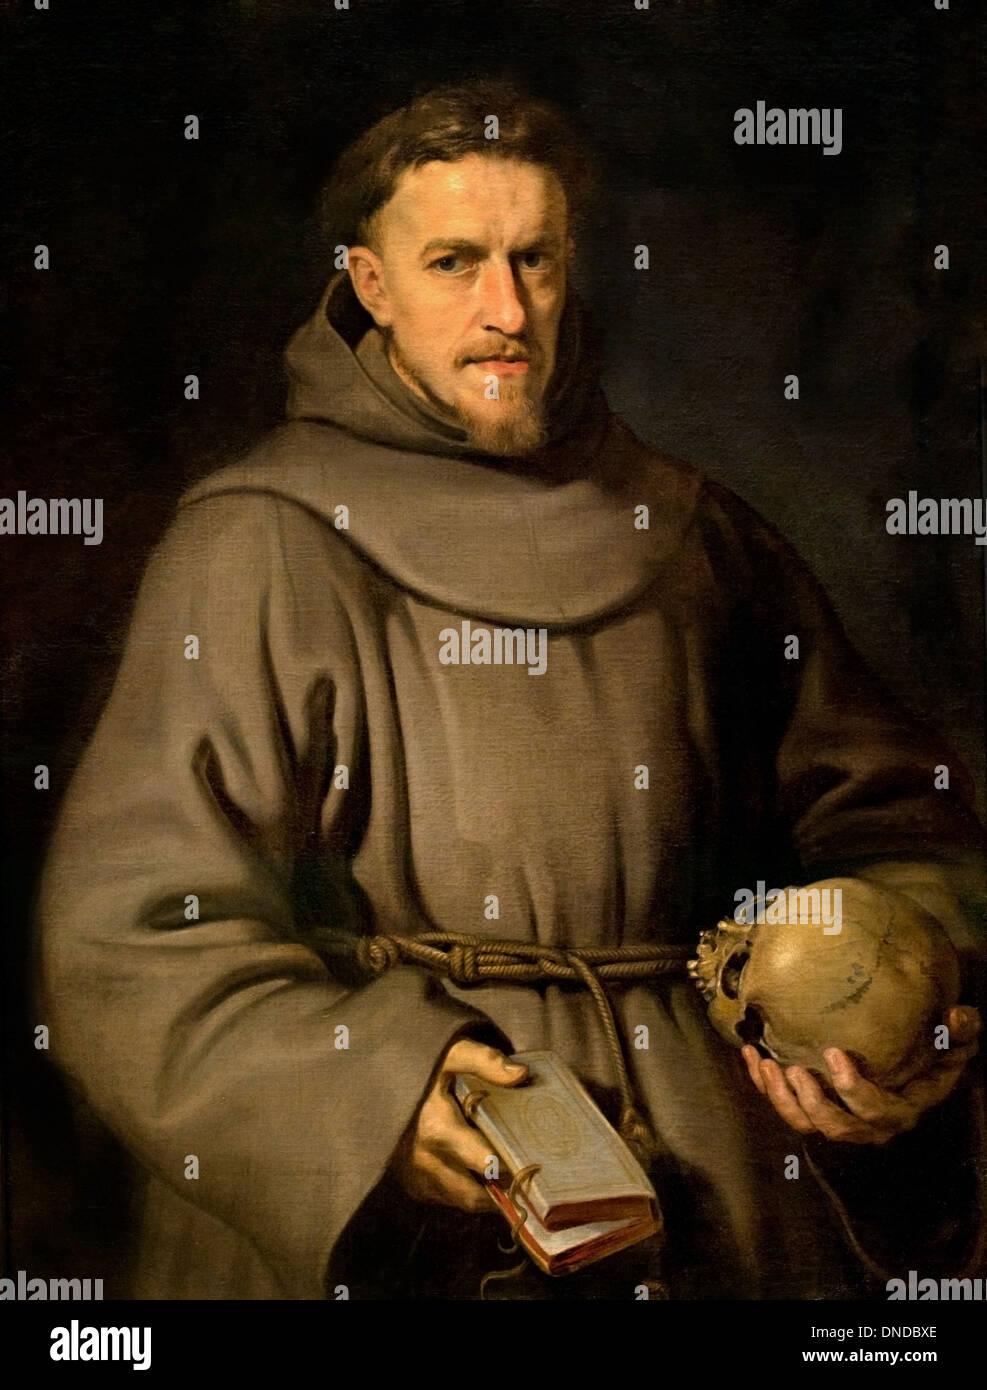 Un général de l'Ordre des franciscains de Peter Paul RUBENS (1577-1640) Belgique belge flamande Photo Stock